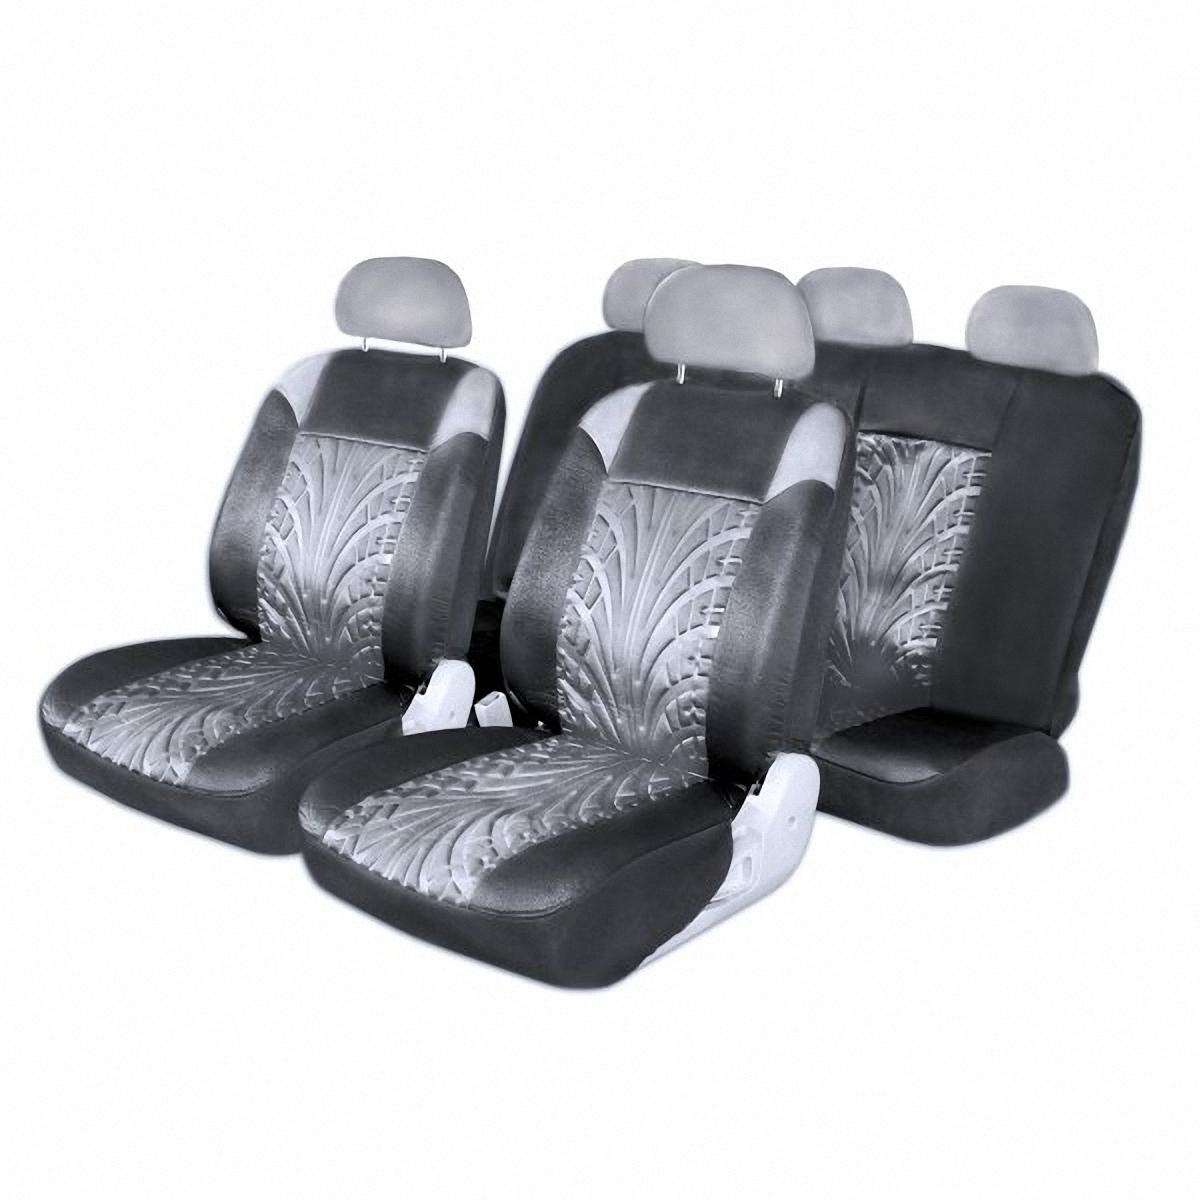 Чехлы автомобильные Skyway. S01301045S01301045Комплект классических универсальных автомобильных чехлов Skyway S01301045 изготовлен из полиэстера. Чехлы защитят обивку сидений от вытирания и выцветания. Благодаря структуре ткани, обеспечивается улучшенная вентиляция кресел, что позволяет сделать более комфортными долгое пребывание за рулем во время дальней поездки.